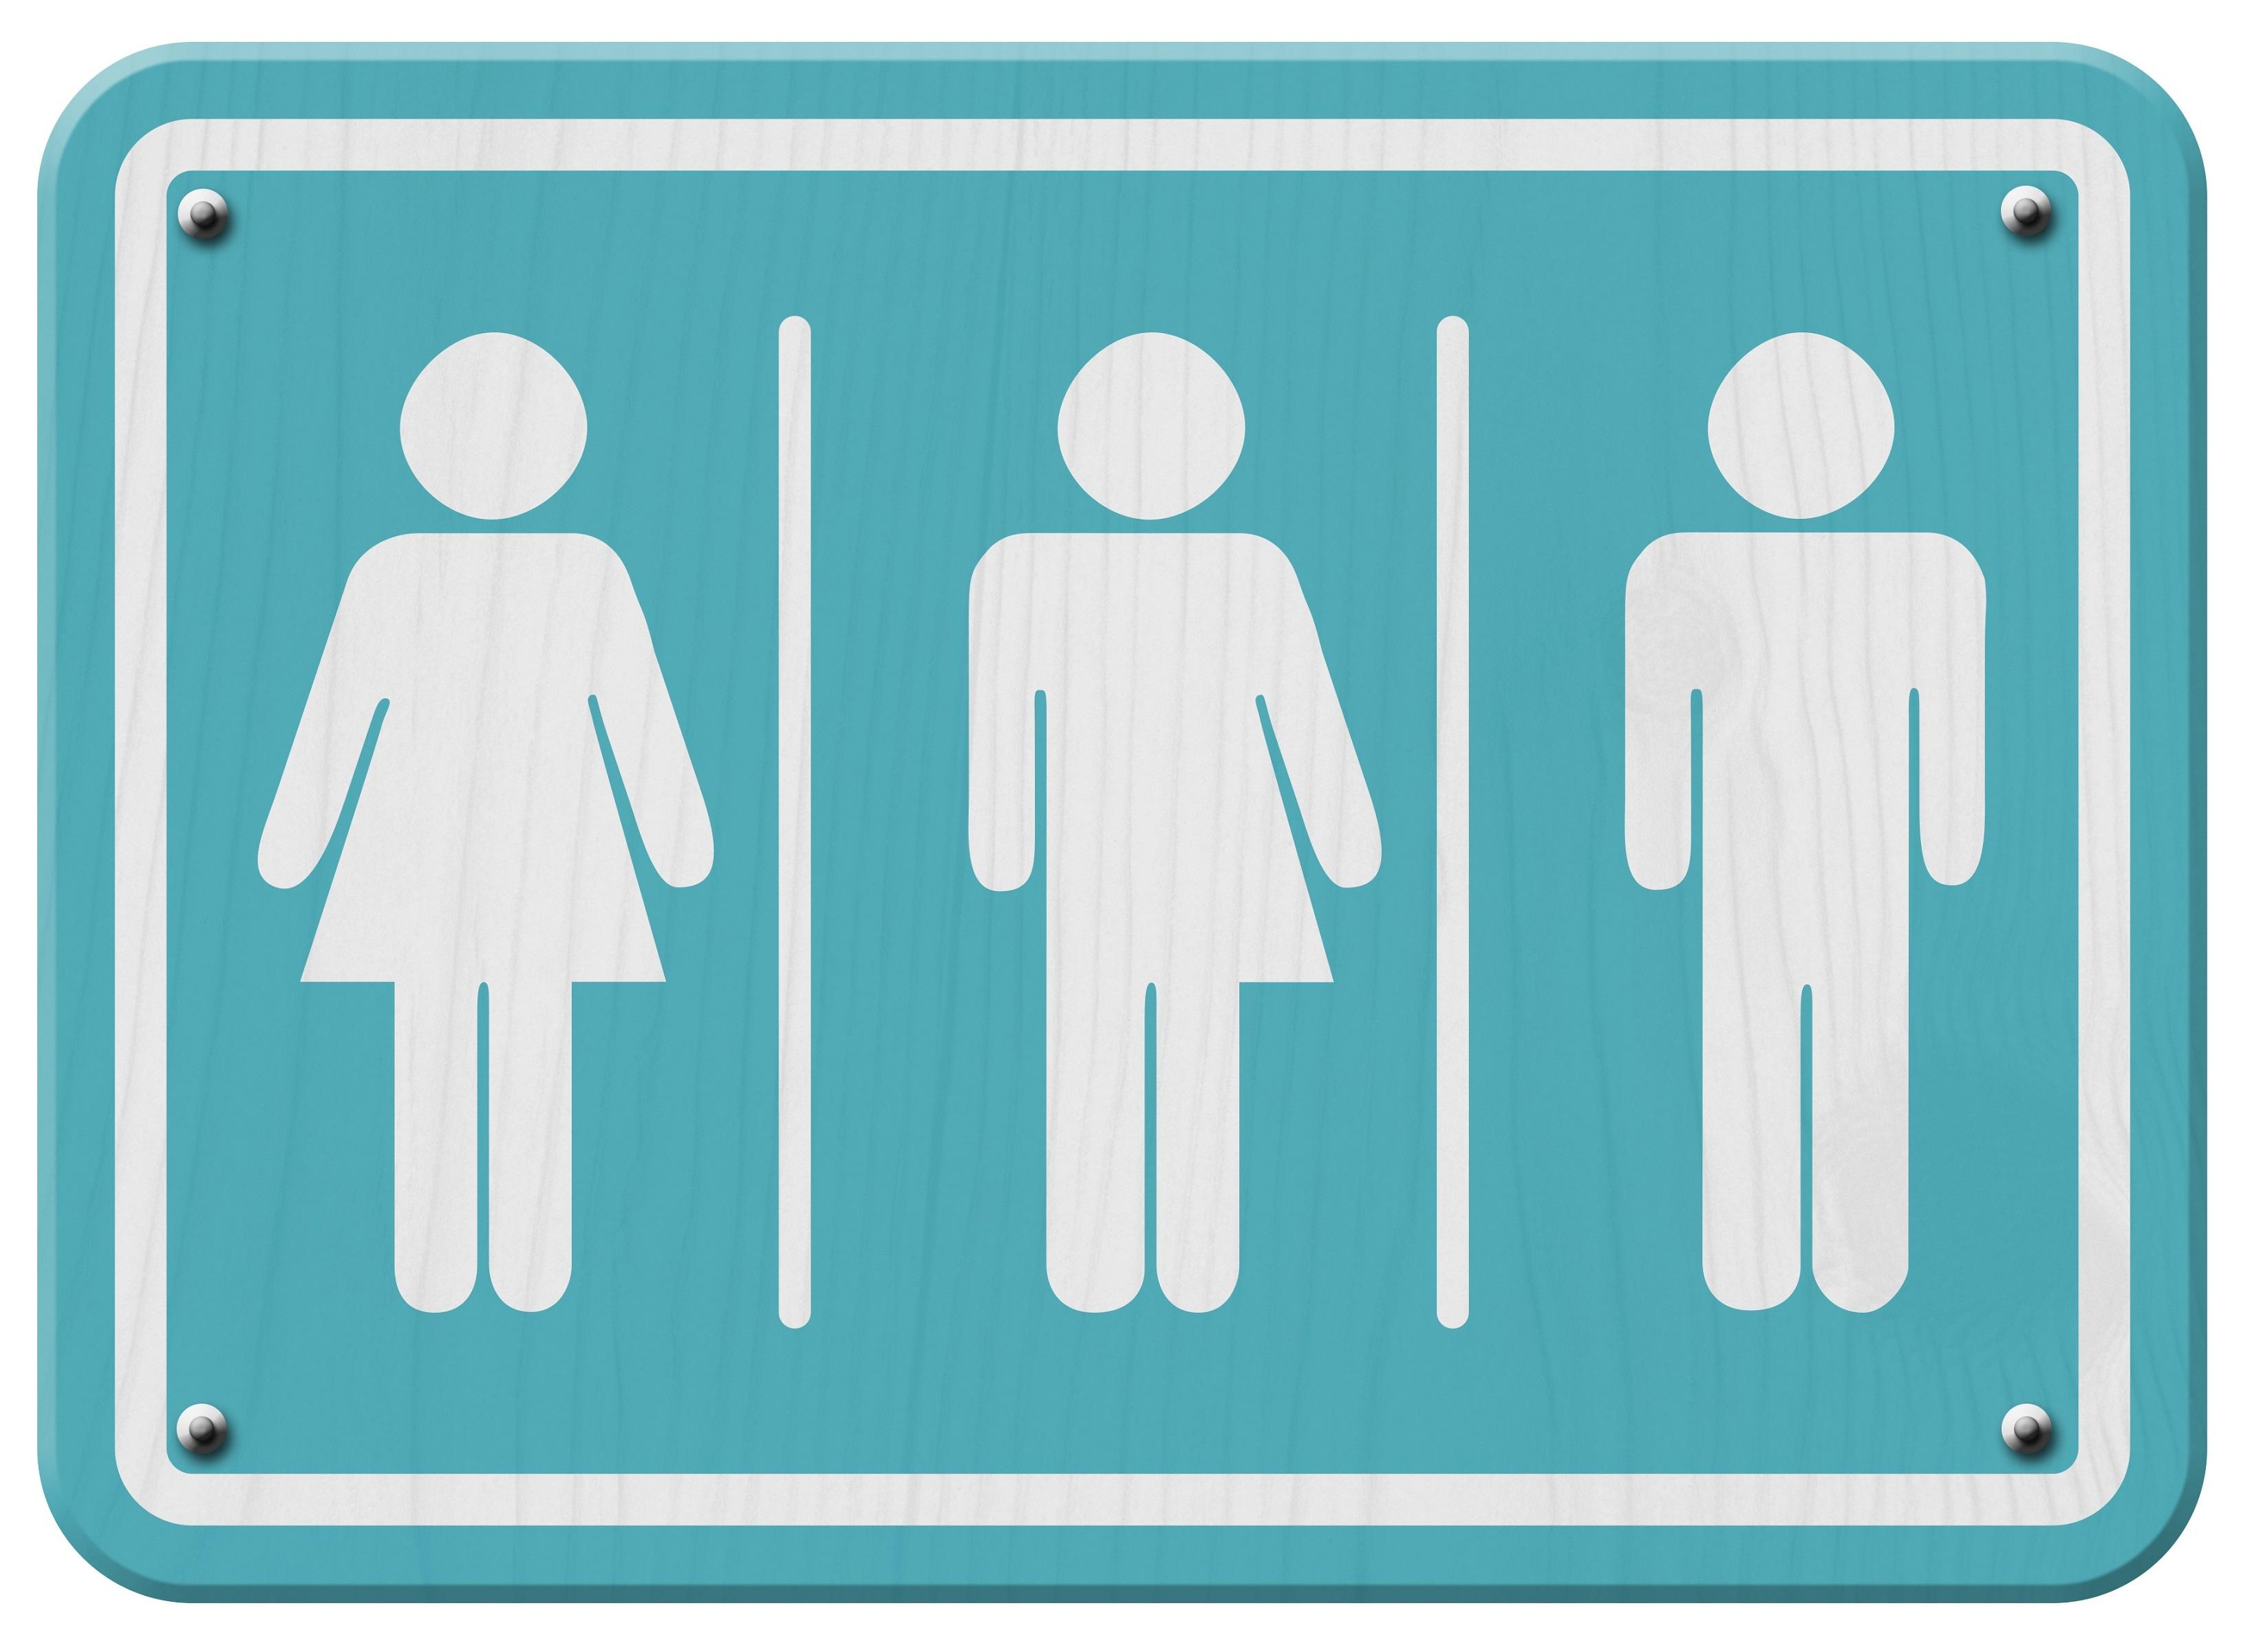 Legislation regarding transgender bathroom policy has proven highly controversial